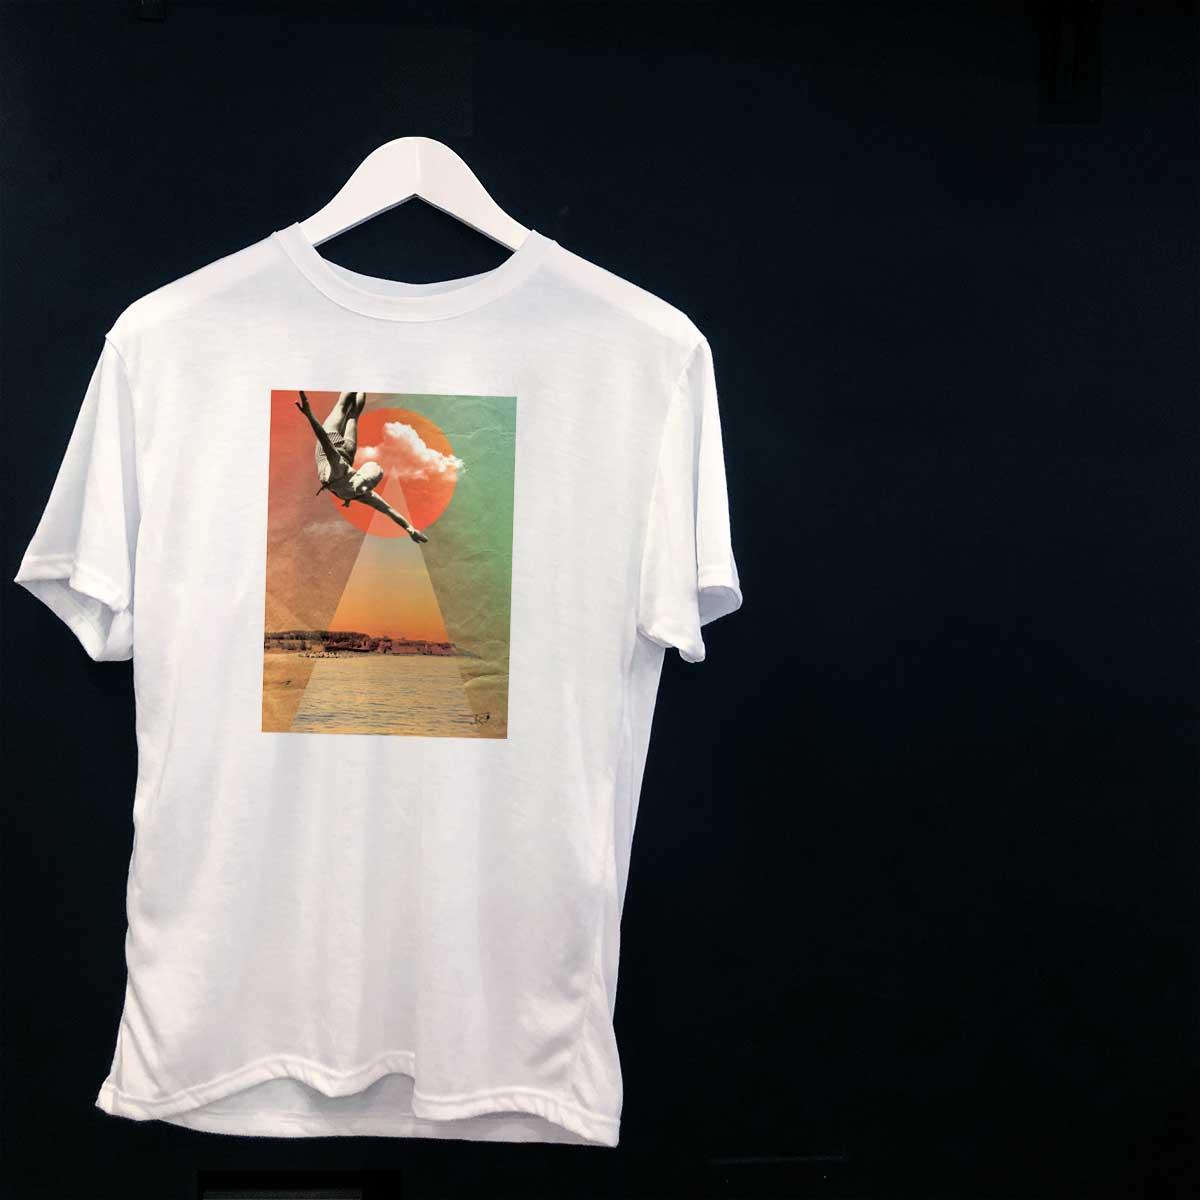 Camisetas Baiona tienda souvenirs camisetas en Baiona souvenir shop Baiona souvnert shop tienda souvenirs creativos singulares originales exclusivos en Baiona